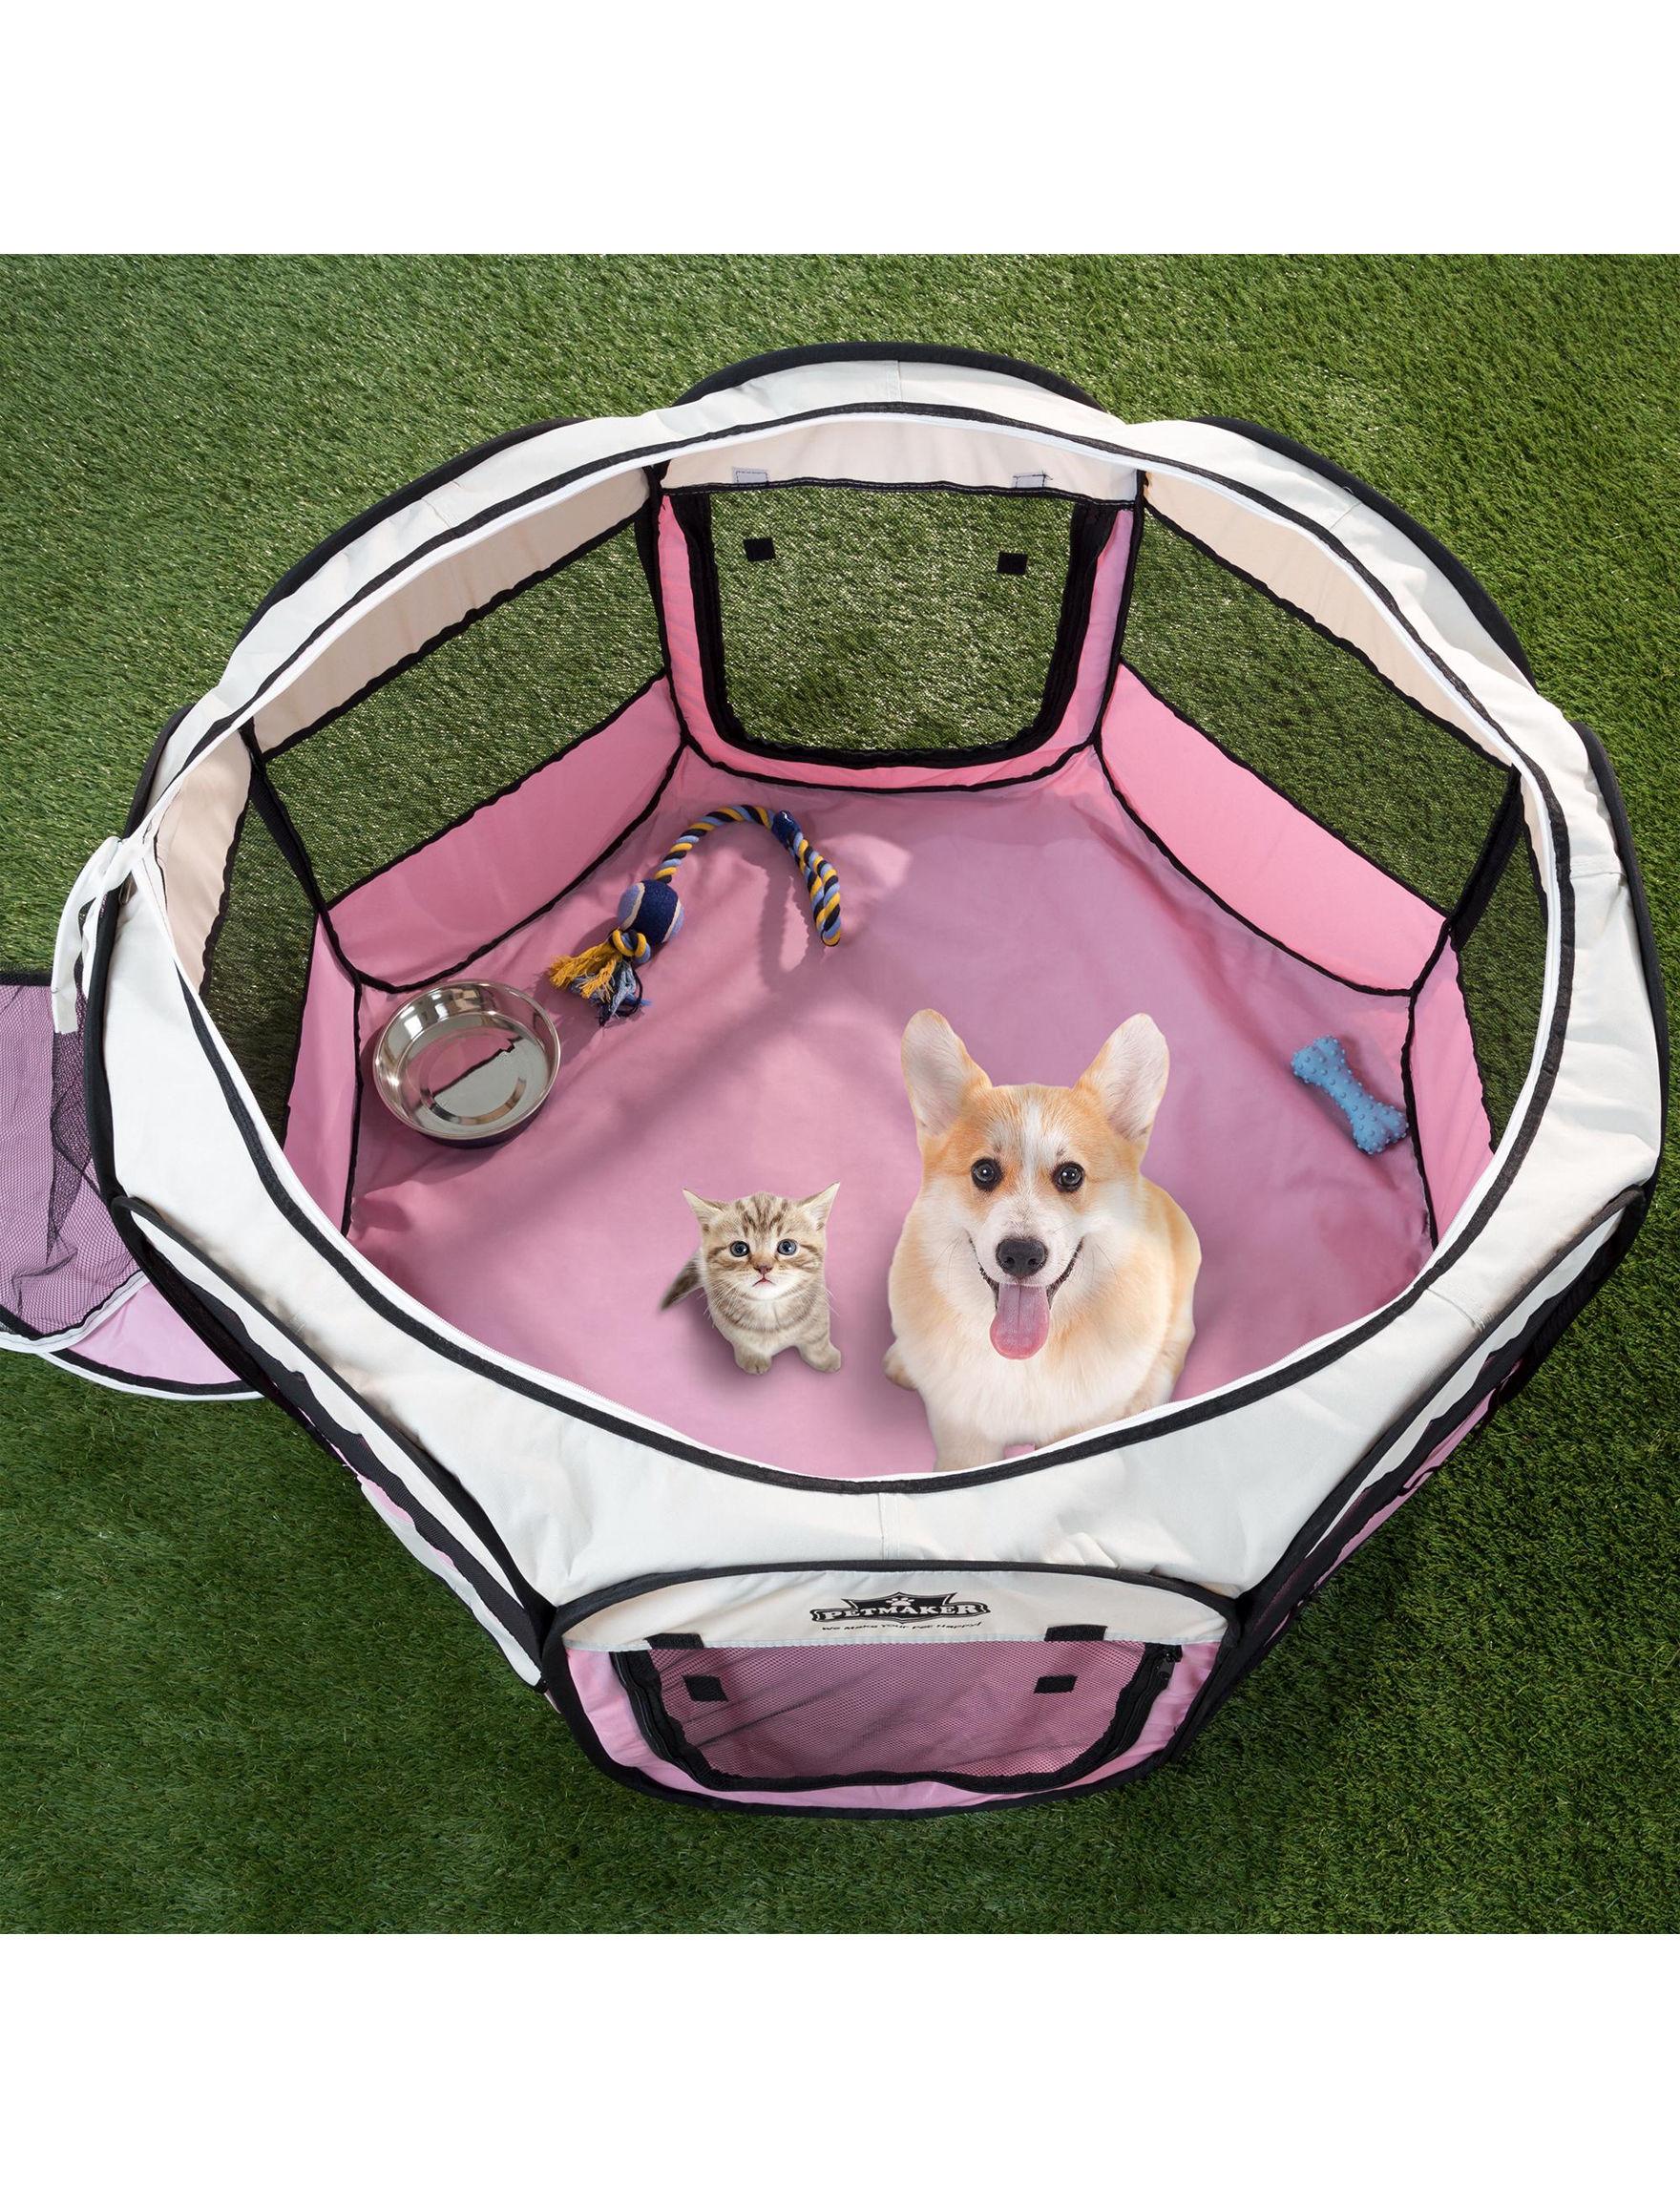 Petmaker Pink Pet Beds & Houses